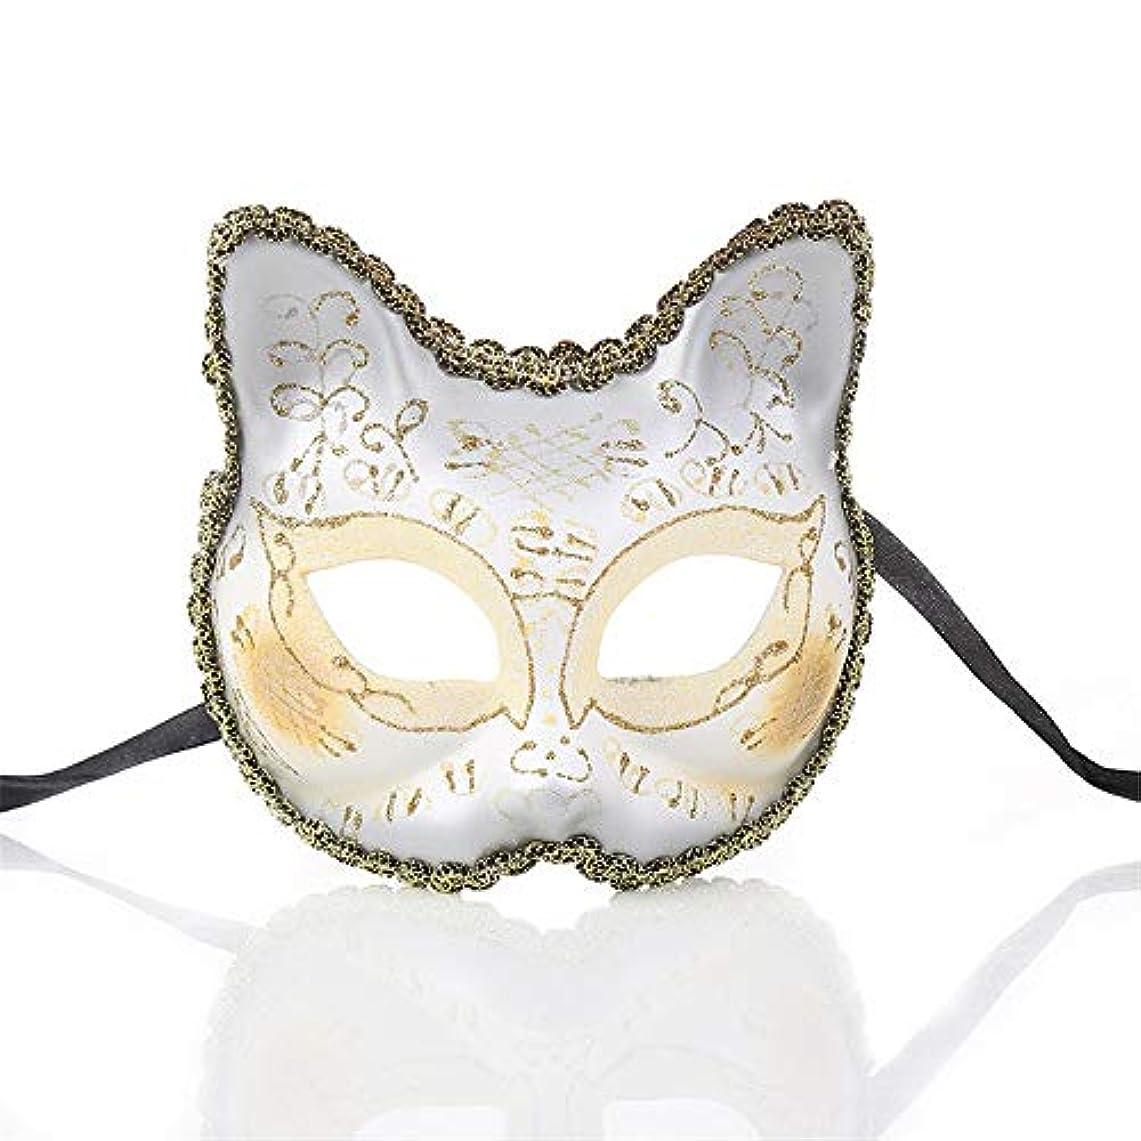 付添人確かめる悪魔ダンスマスク ワイルドマスカレードロールプレイングパーティーの小道具ナイトクラブのマスクの雰囲気クリスマスフェスティバルロールプレイングプラスチックマスク ホリデーパーティー用品 (色 : 白, サイズ : 13x13cm)